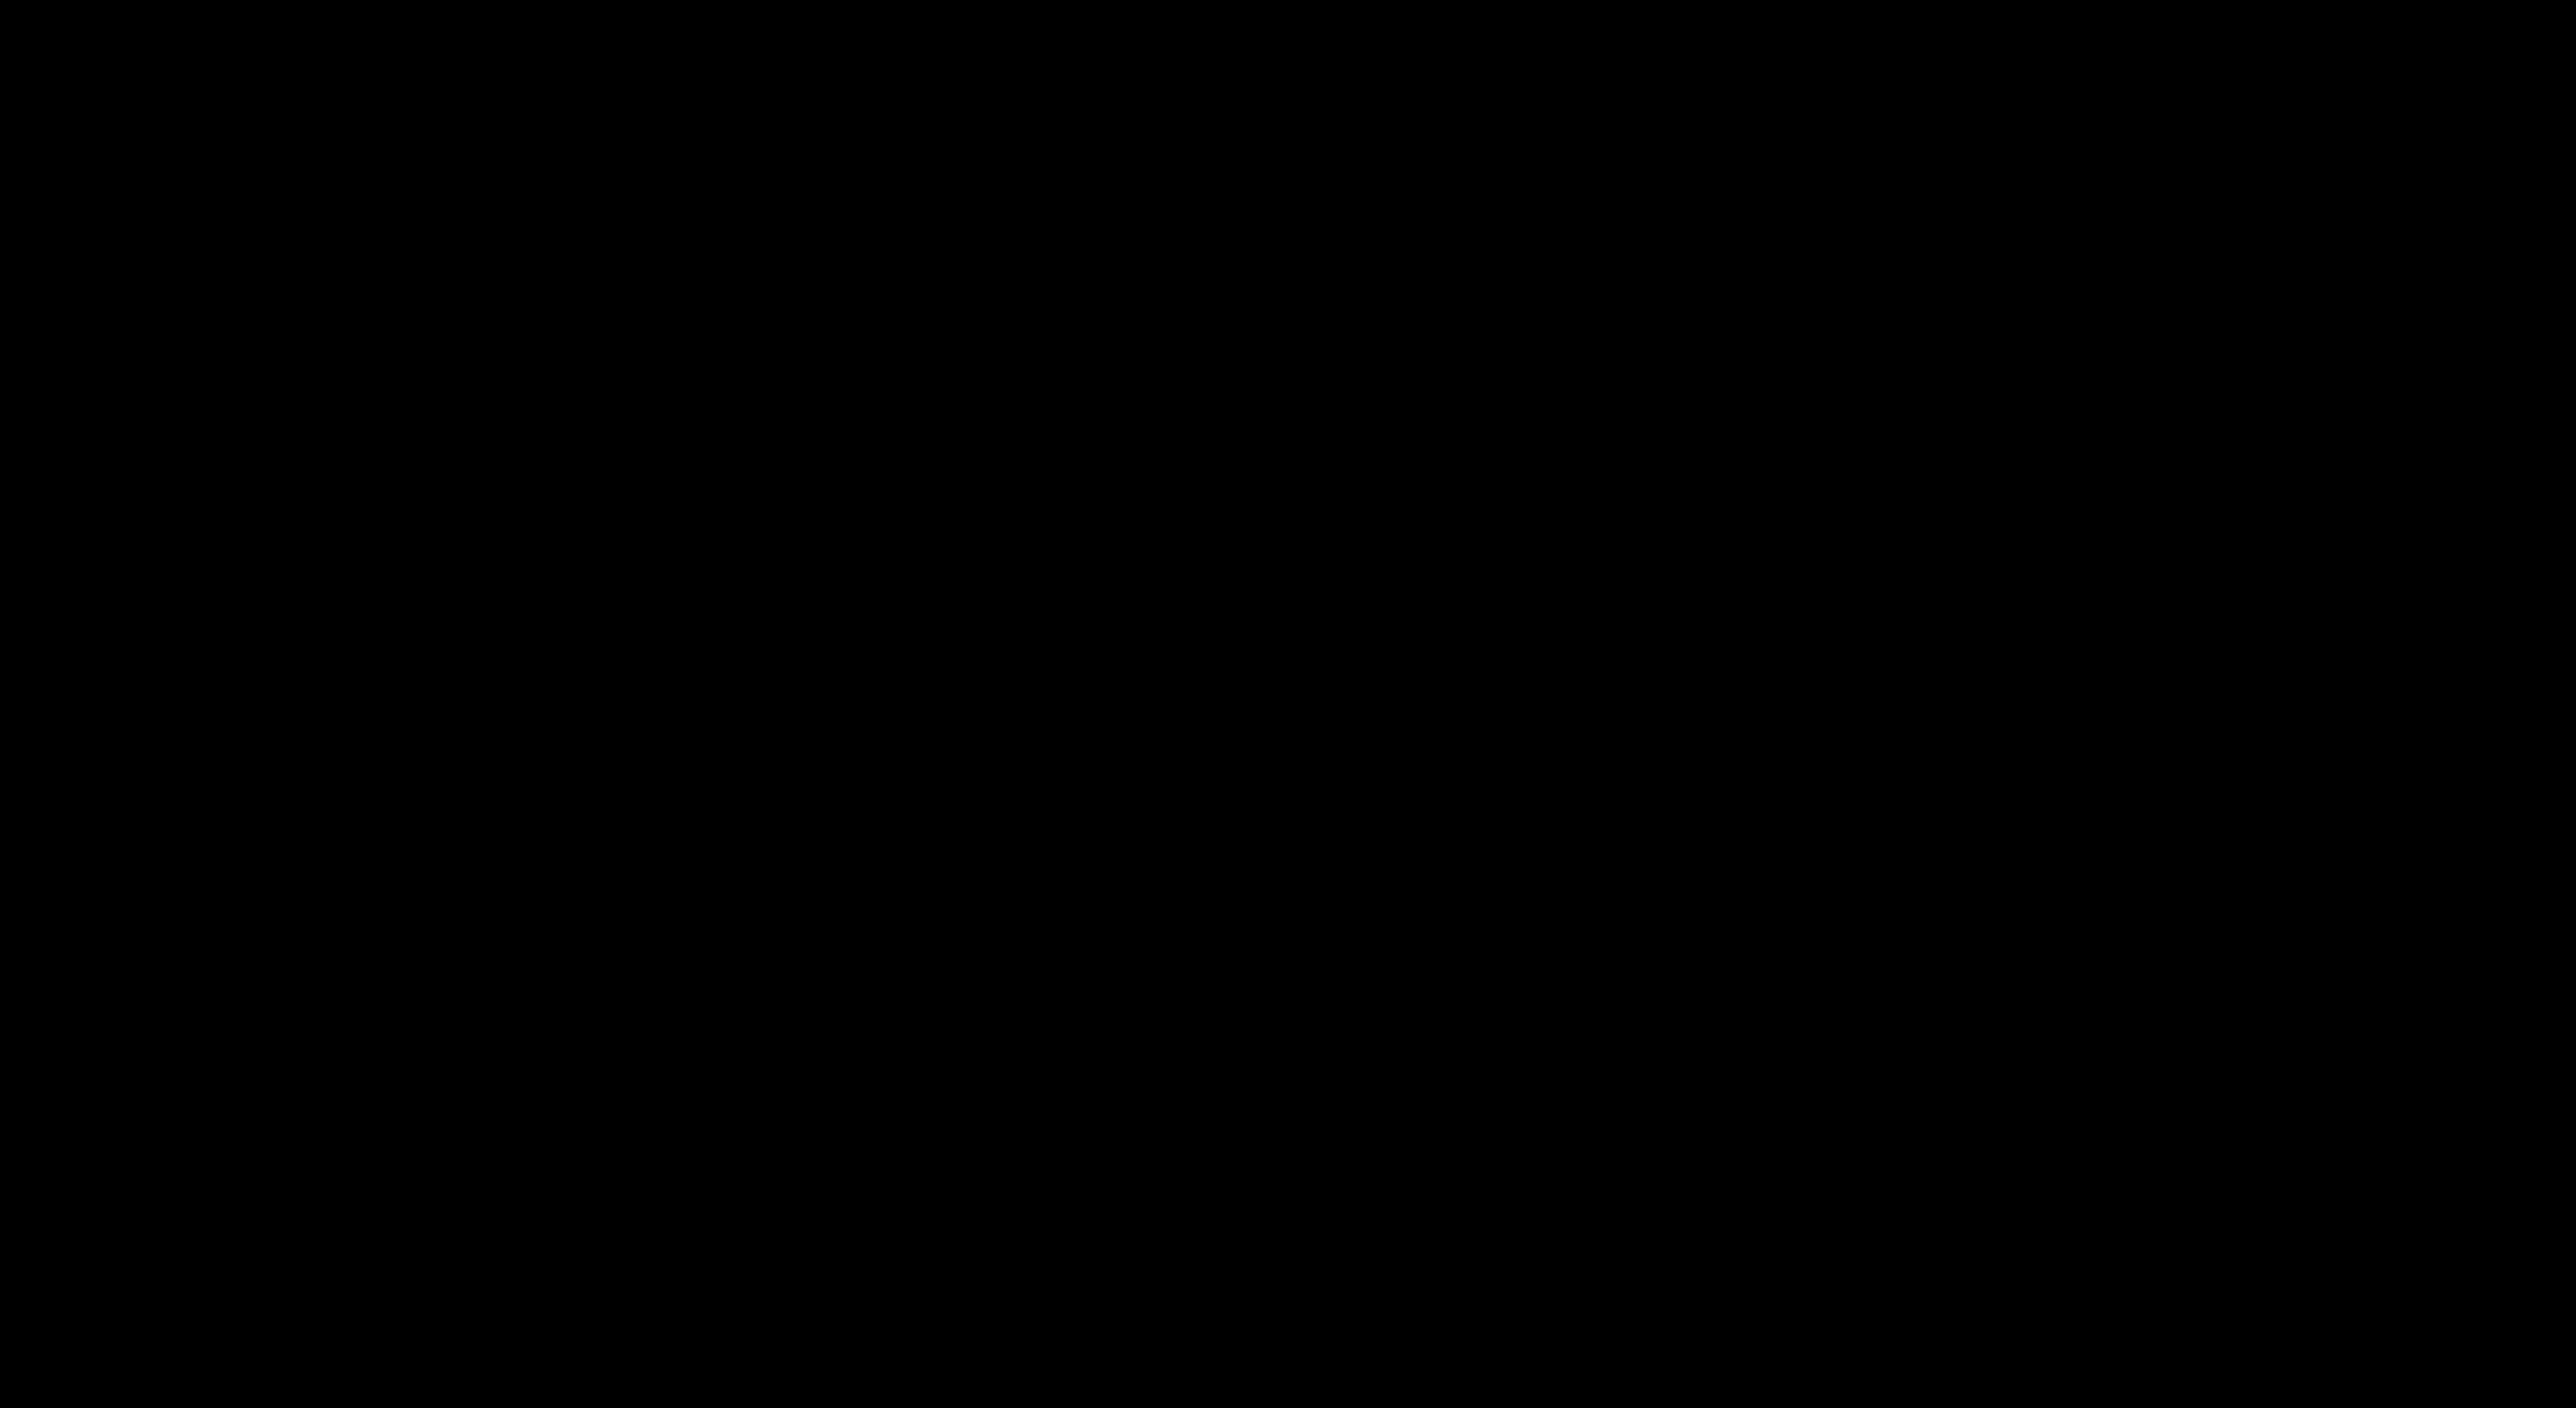 2018-12-04-senac-pi-de-modelista-no-jesse-freire-61